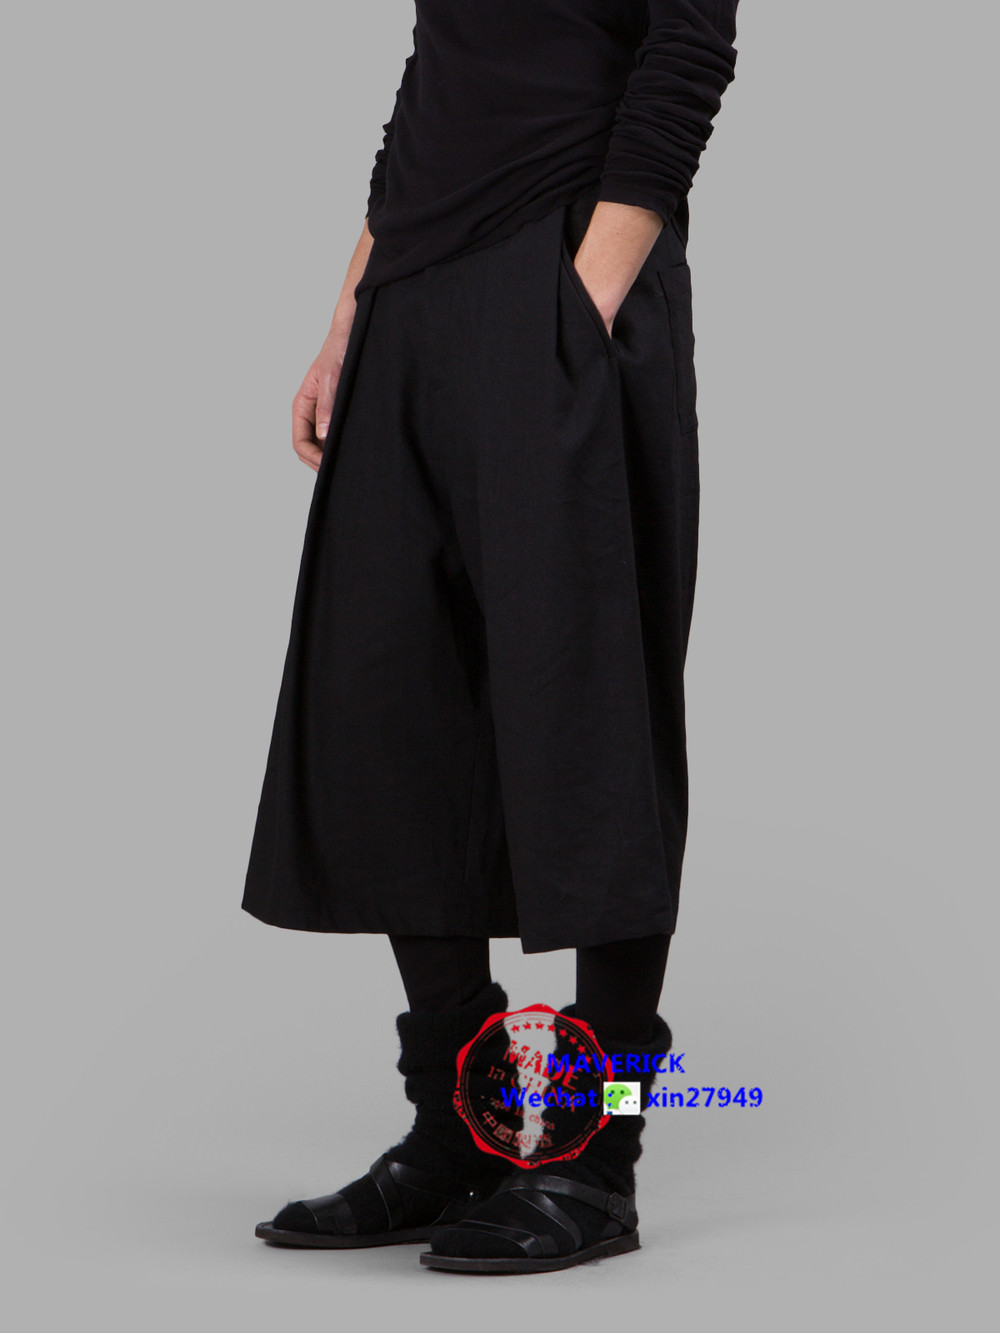 27-42 Nouveau 2018 Hommes de vêtements coiffeur pantalon Large de jambe Européen et Américain marée lâche occasionnel pantalon plus taille chanteur costumes